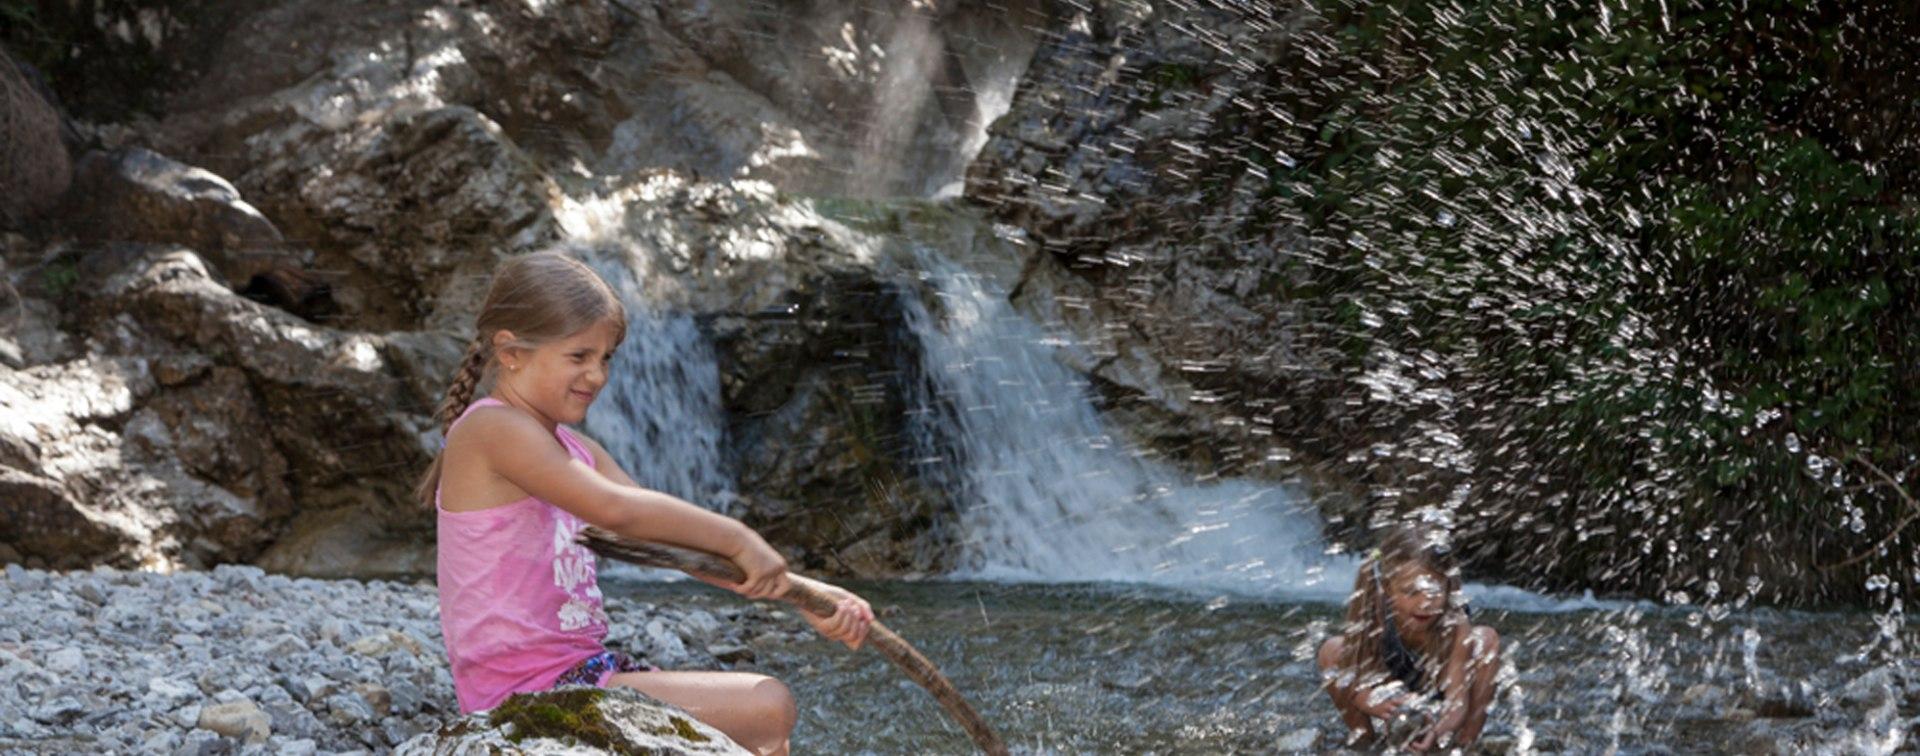 Kinder im Wasser, © Touristinformation Grainau - Foto Bäck